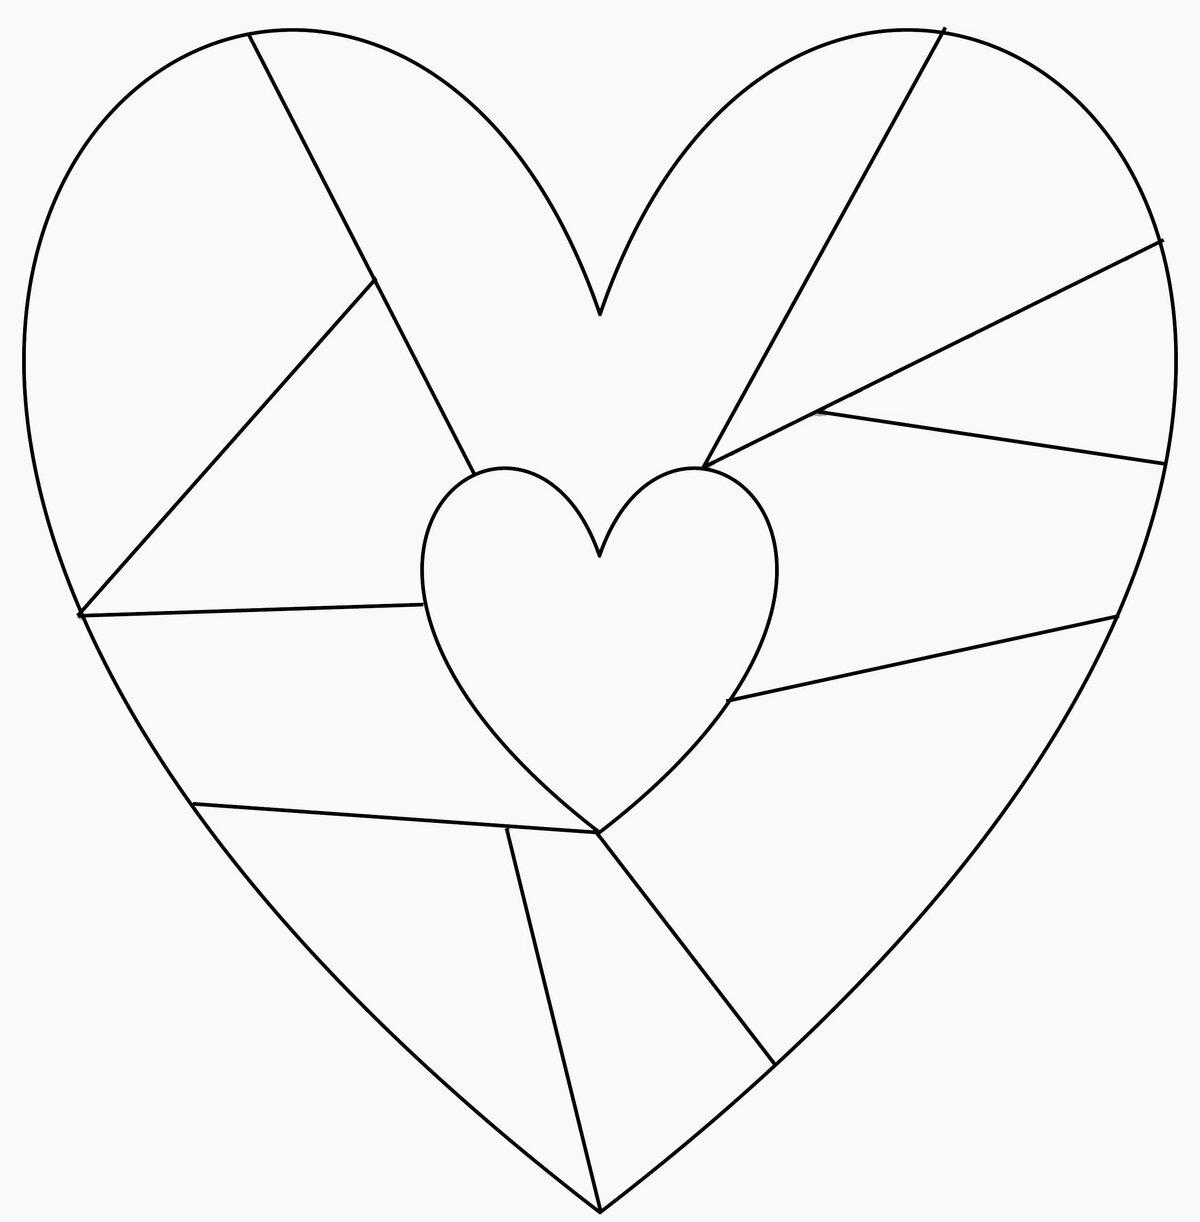 стекле оформление валентинок рисунки уже